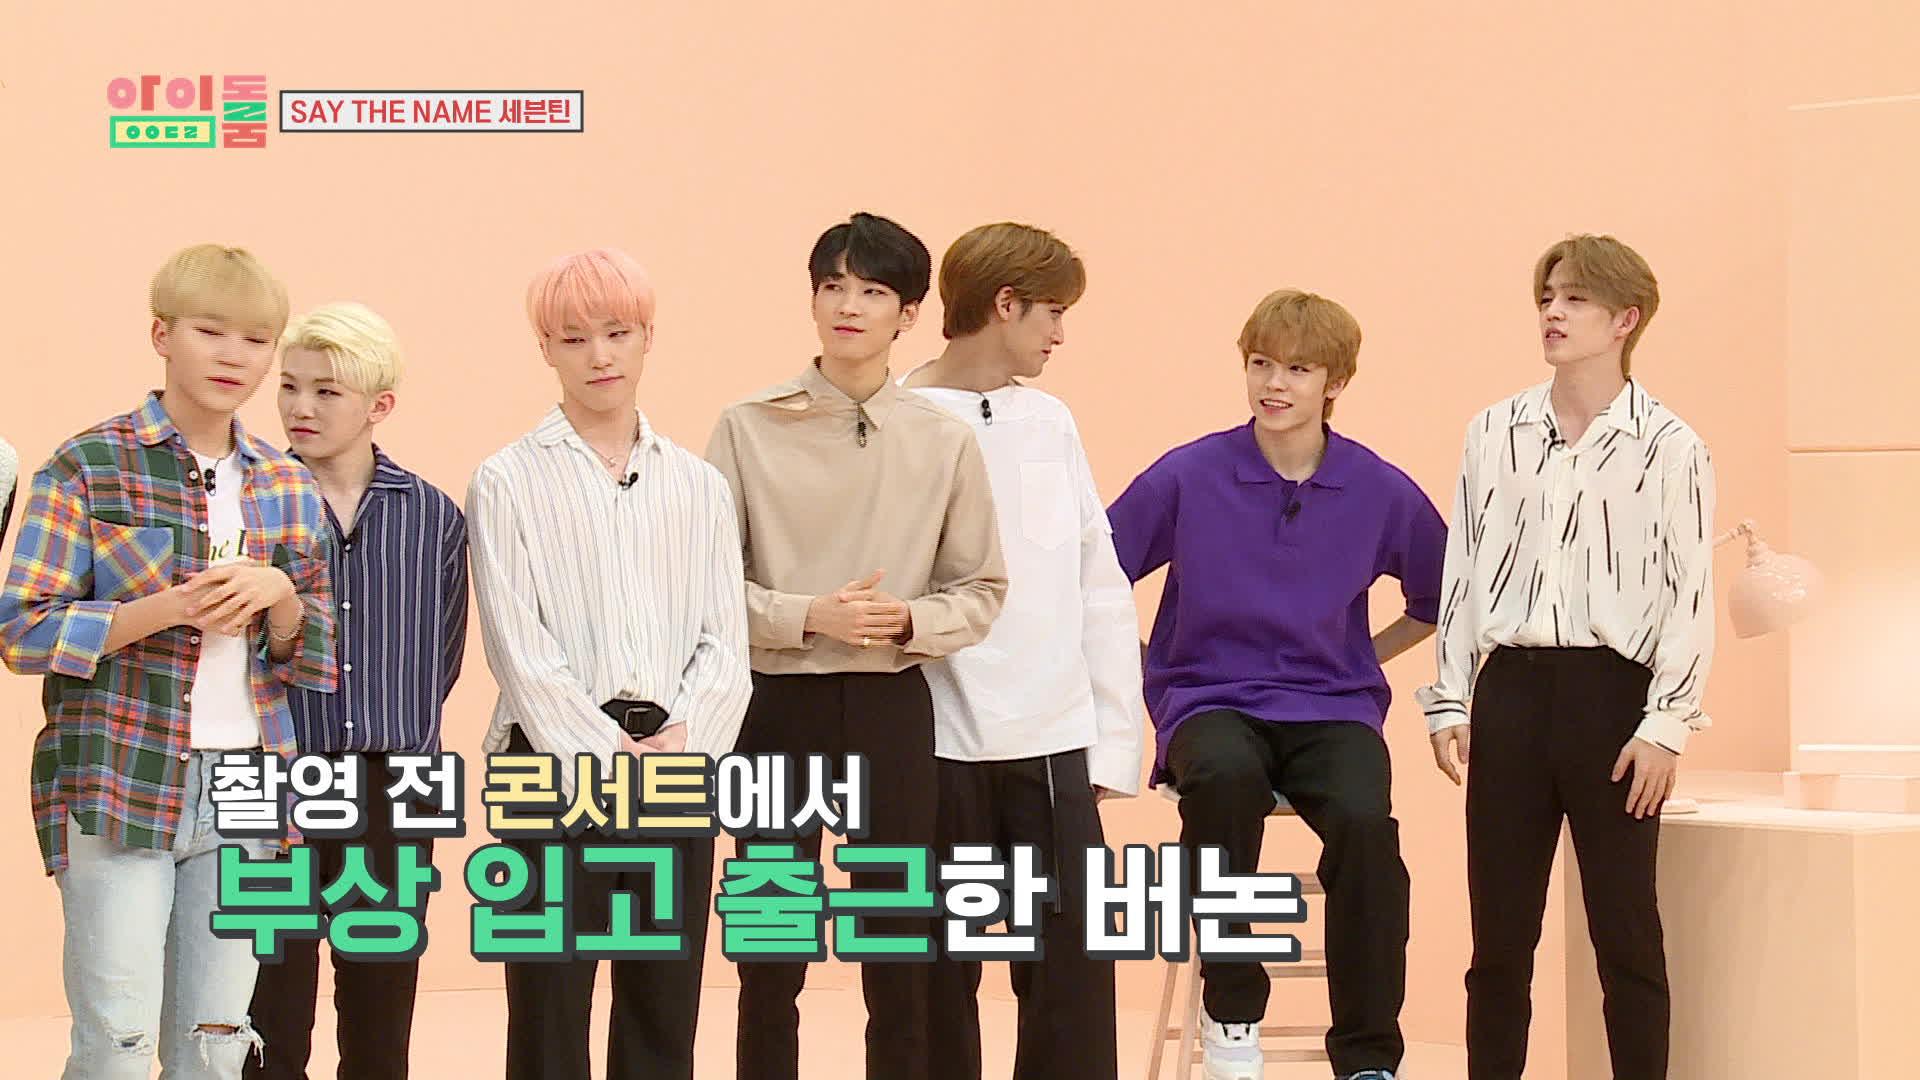 아이돌룸(IDOL ROOM) 11회 - 능력돌 세븐틴, '아이돌룸' 시그널송 창작안무 (feat. 춤 돌려막기) SVT creates dance for signal song